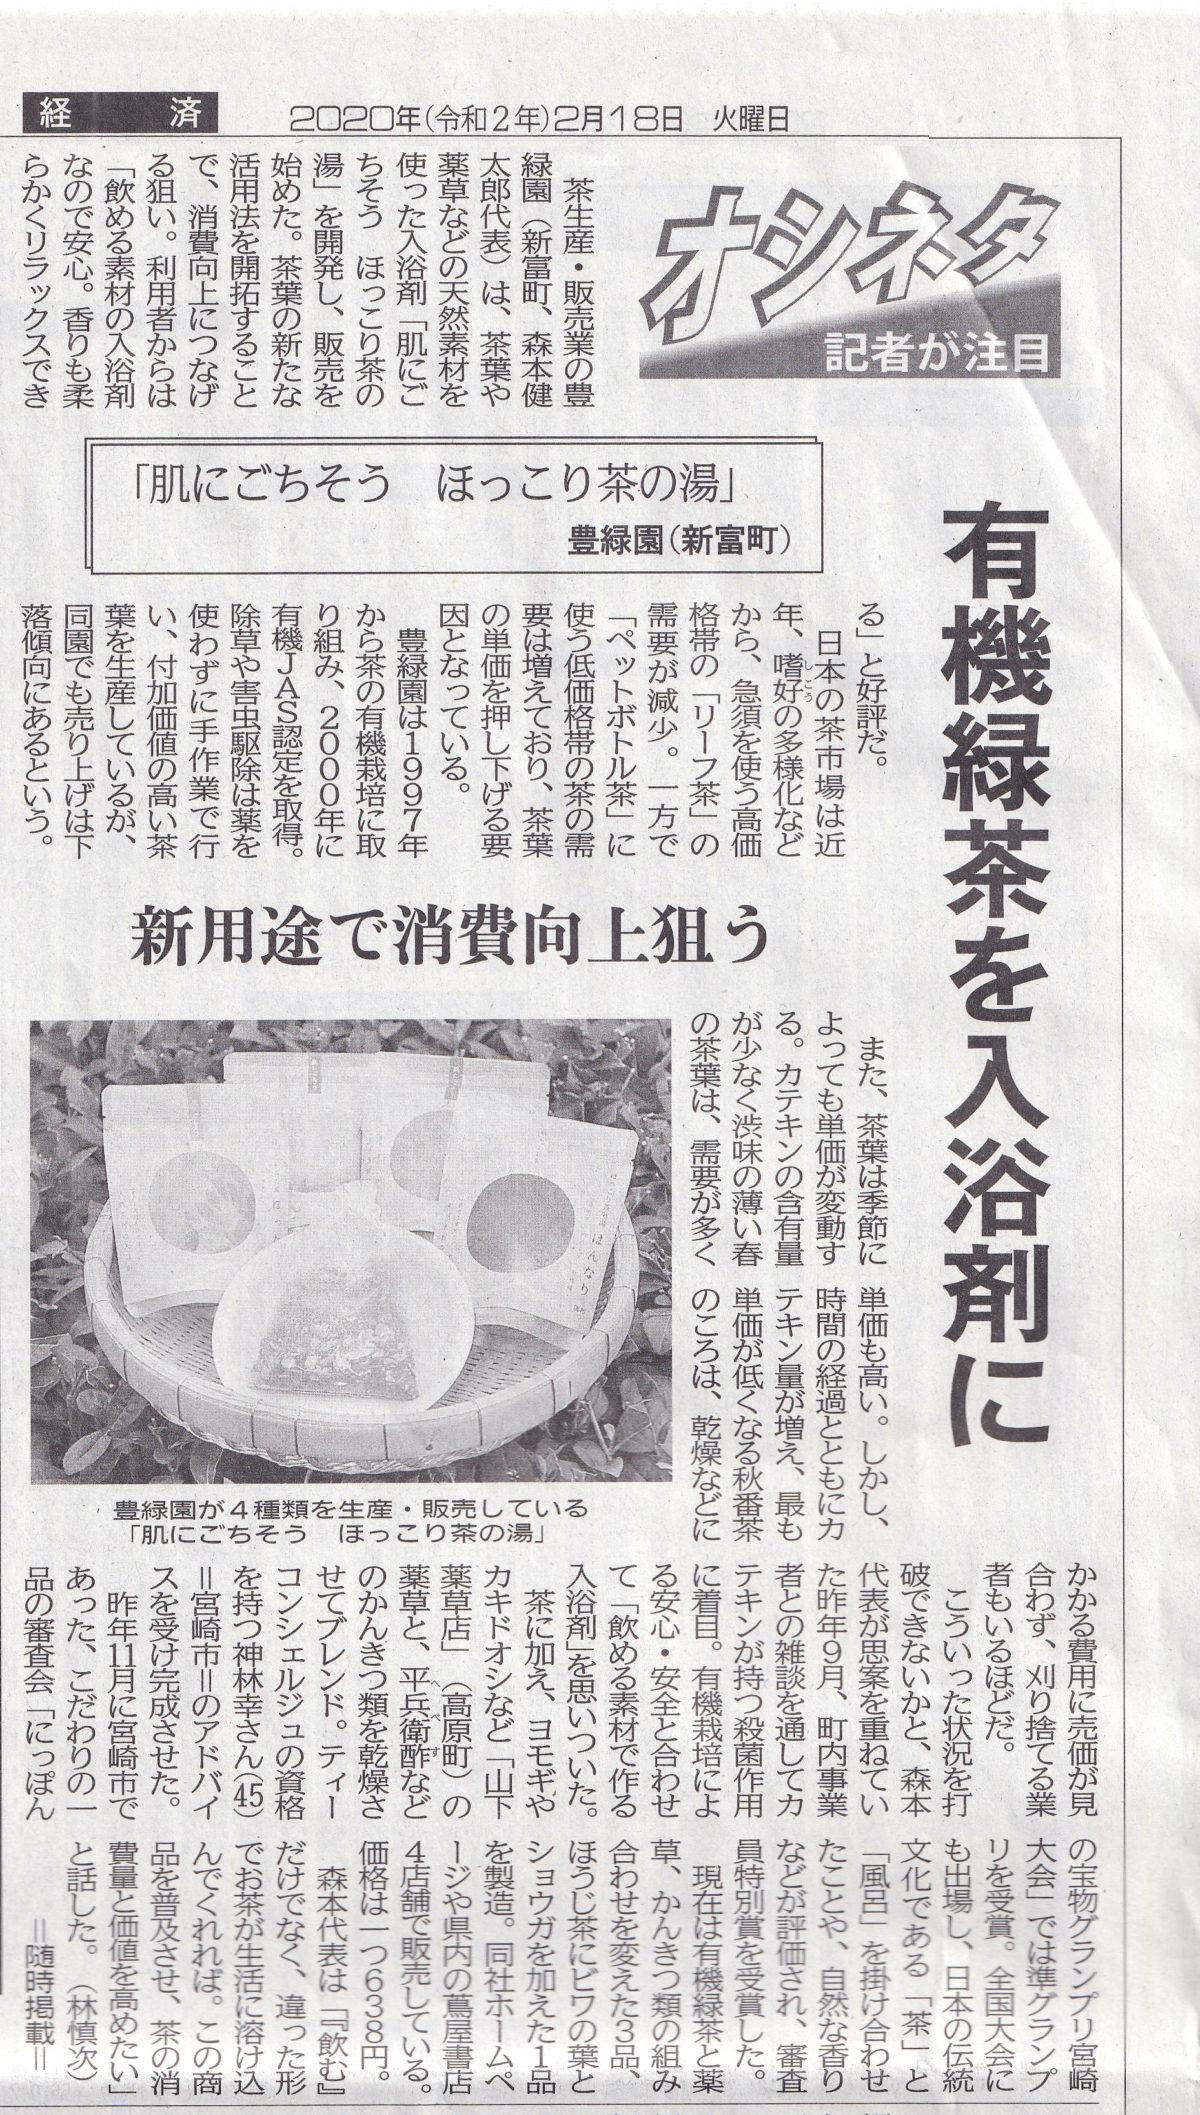 宮崎日日新聞に「ほっこり茶の湯」が掲載されました♪